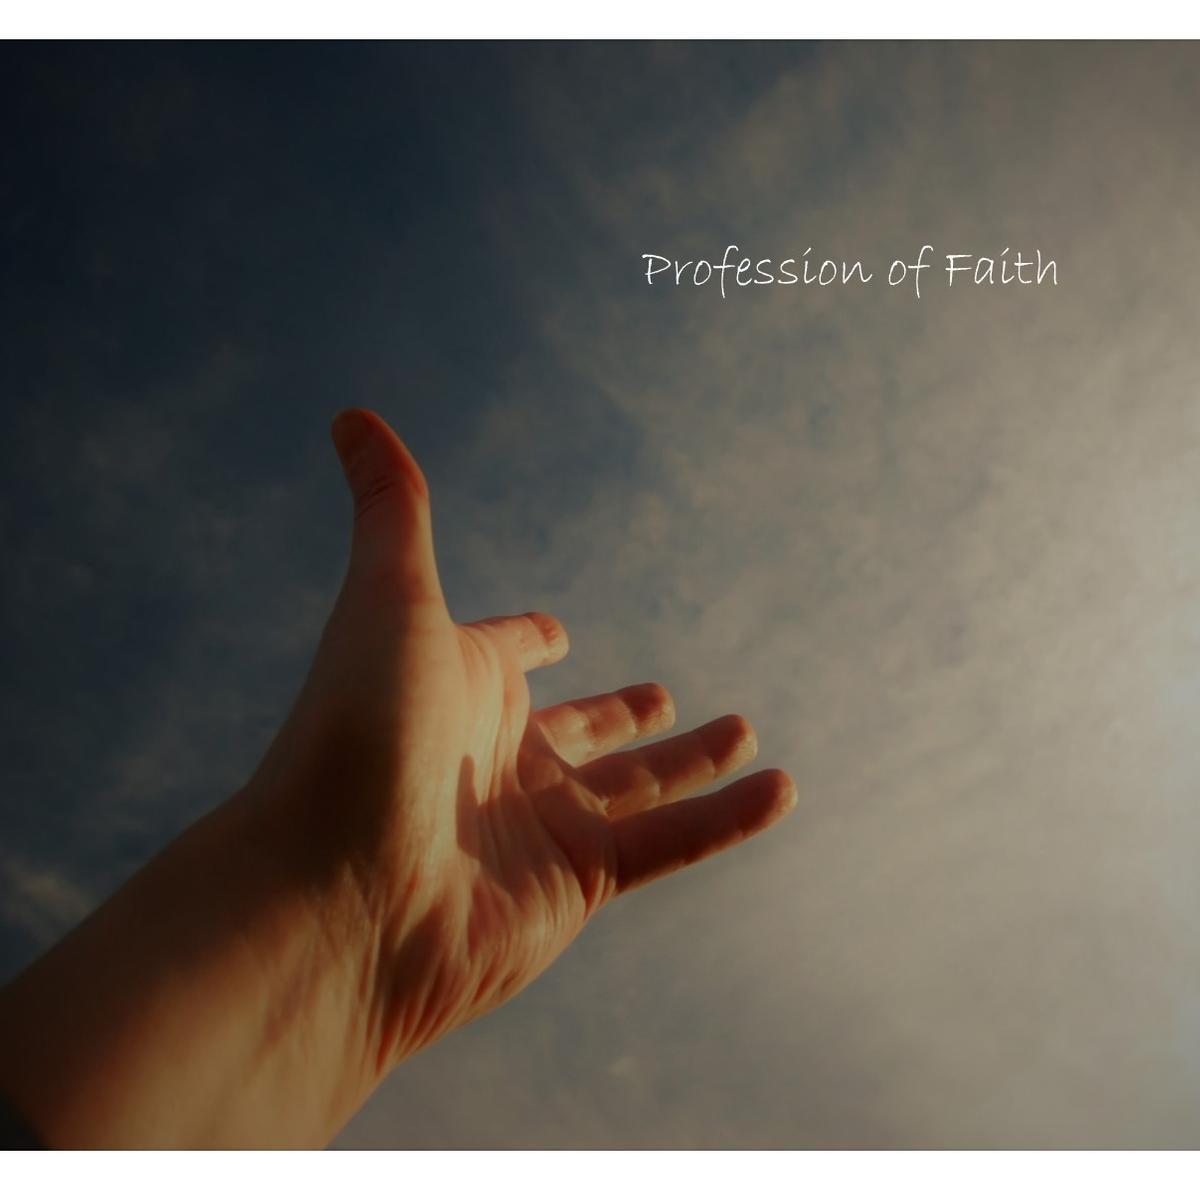 Profession of Faith